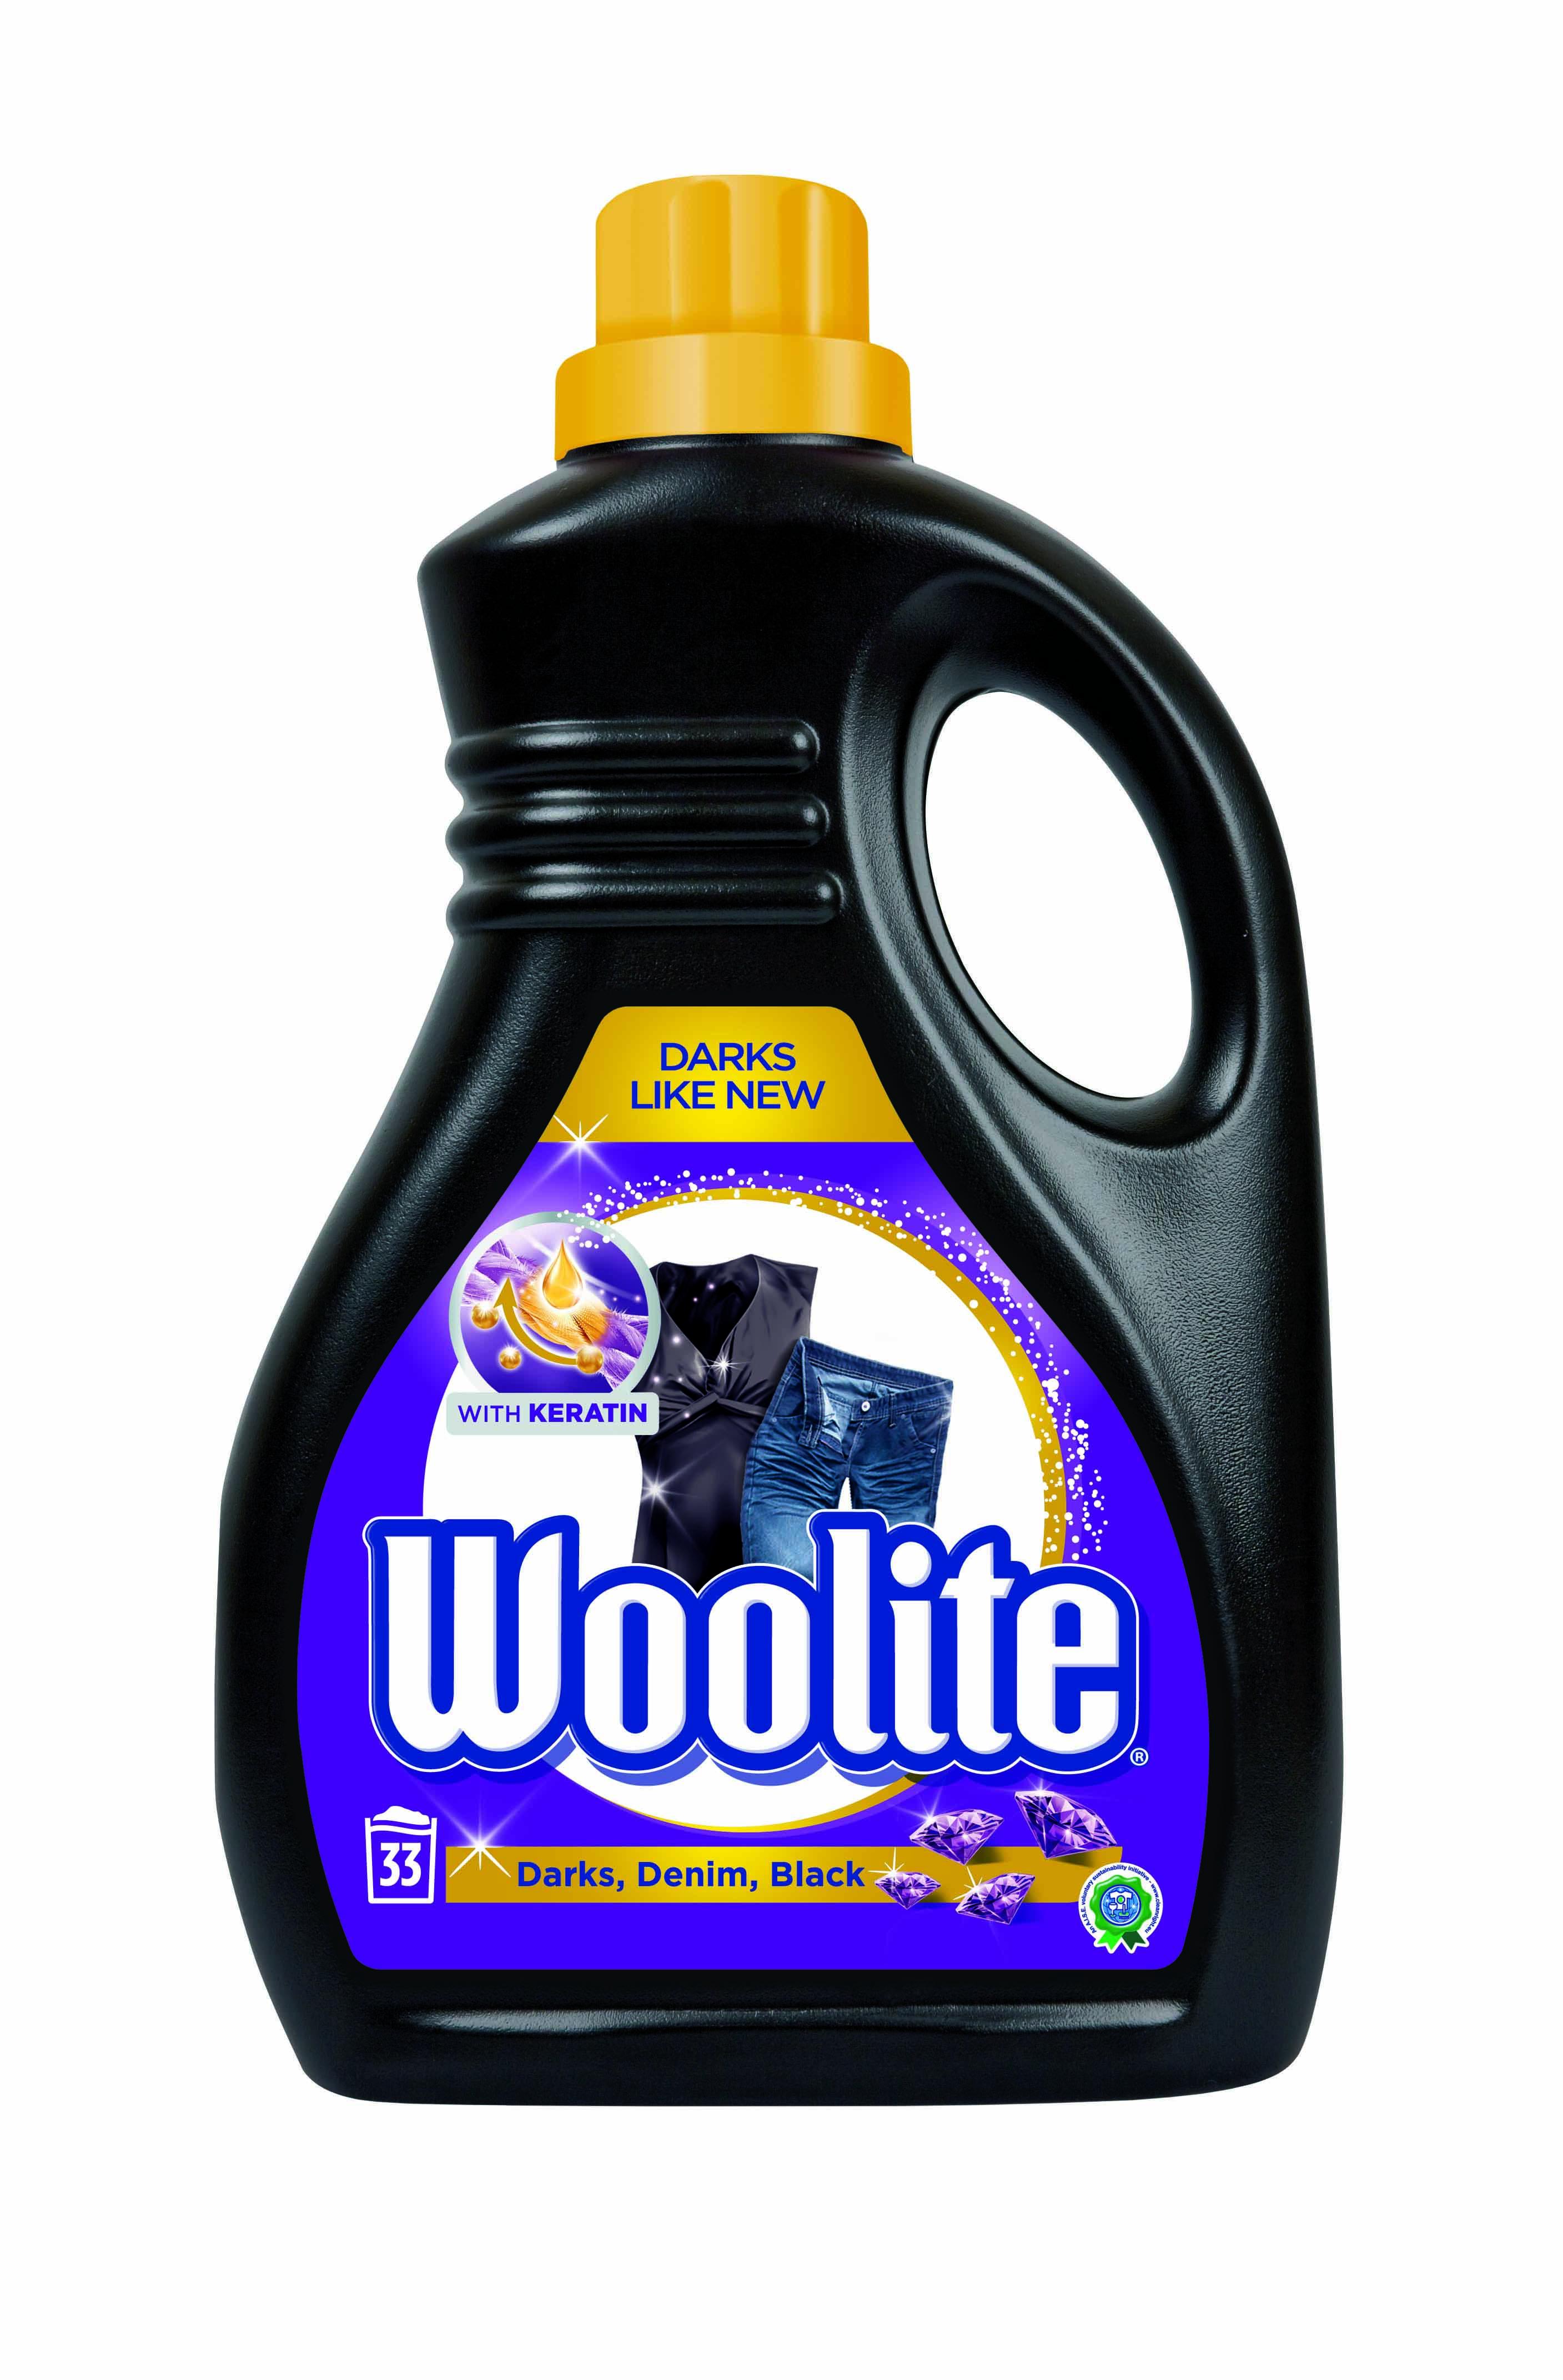 Woolite Darks, Denim, Black s keratinem prací prostředek pro tmavé a černé oblečení, 33 praní 2 l